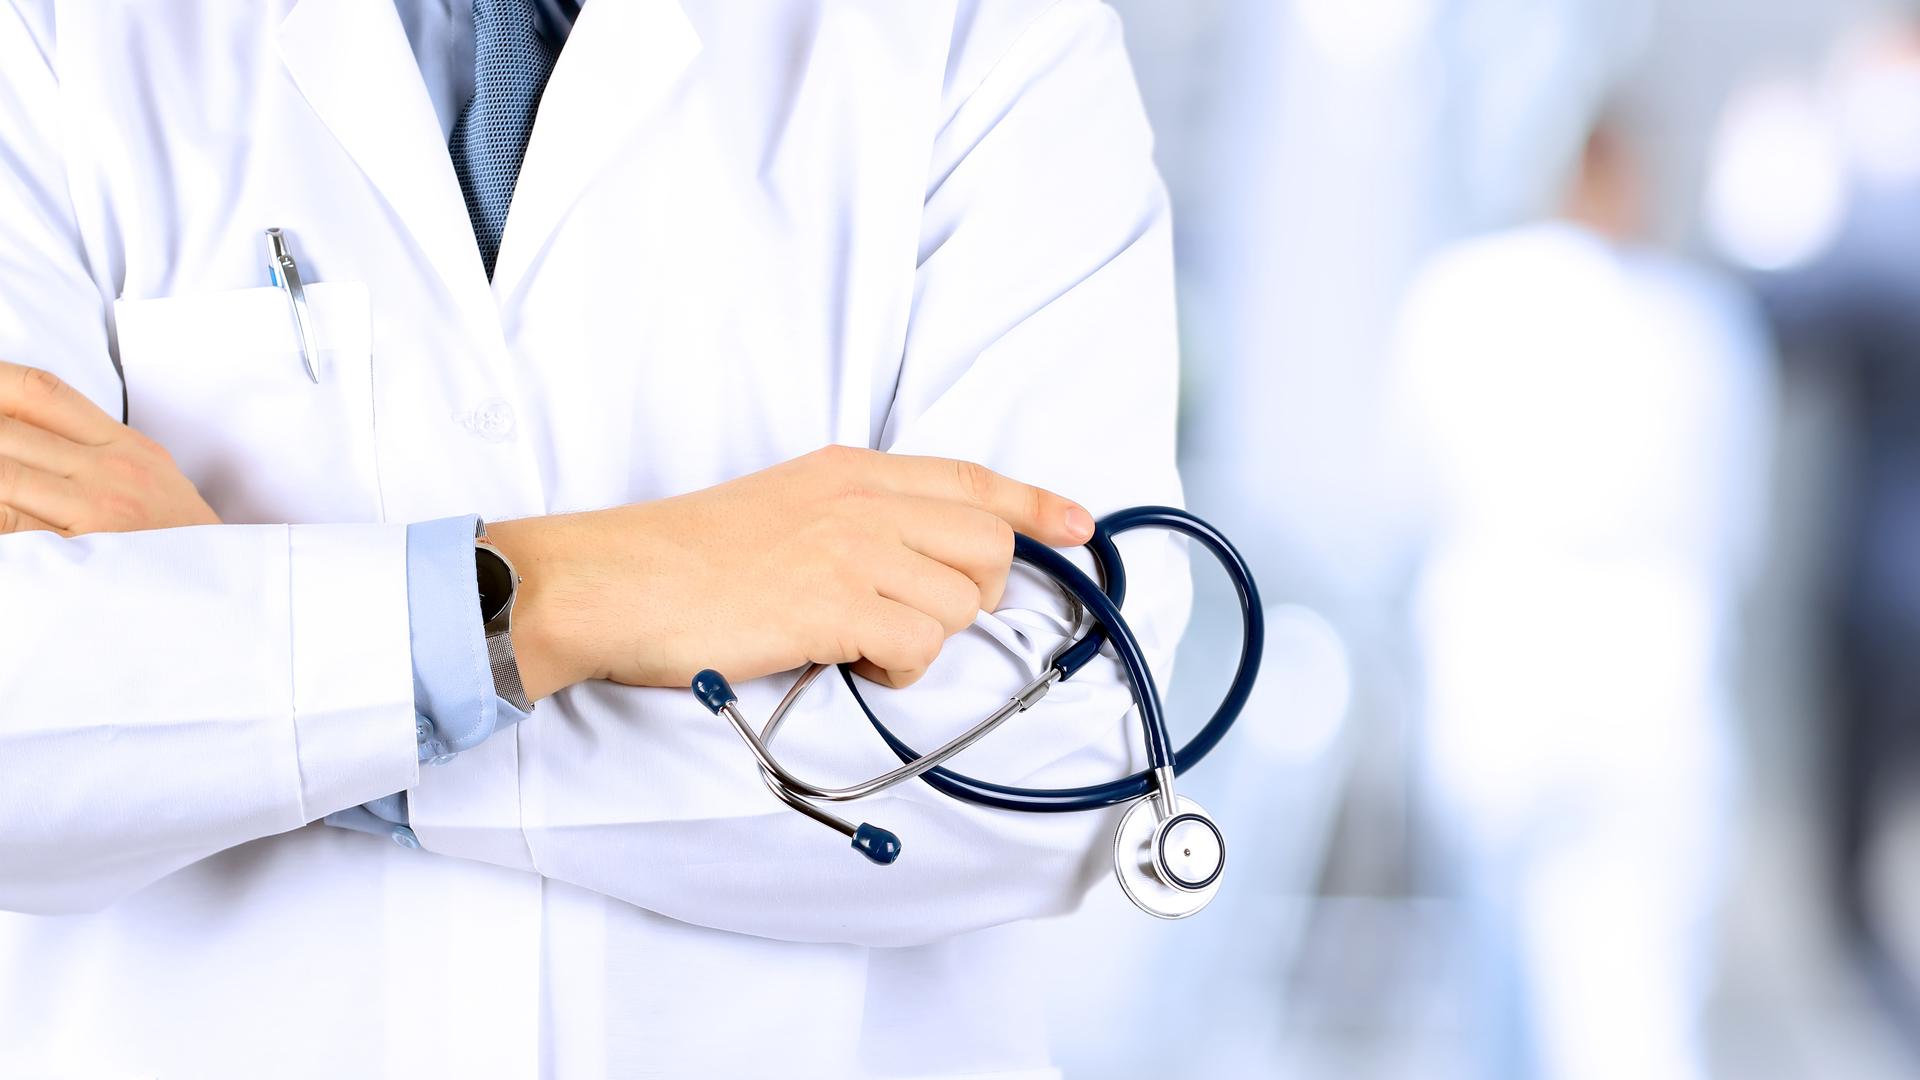 """""""Es muy importante concientizar a la sociedad, y que cada persona afectada visite al médico para dar un tratamiento efectivo"""", recomendó Elena Ruiz de la Torre desde su experiencia como paciente. (iStock)"""